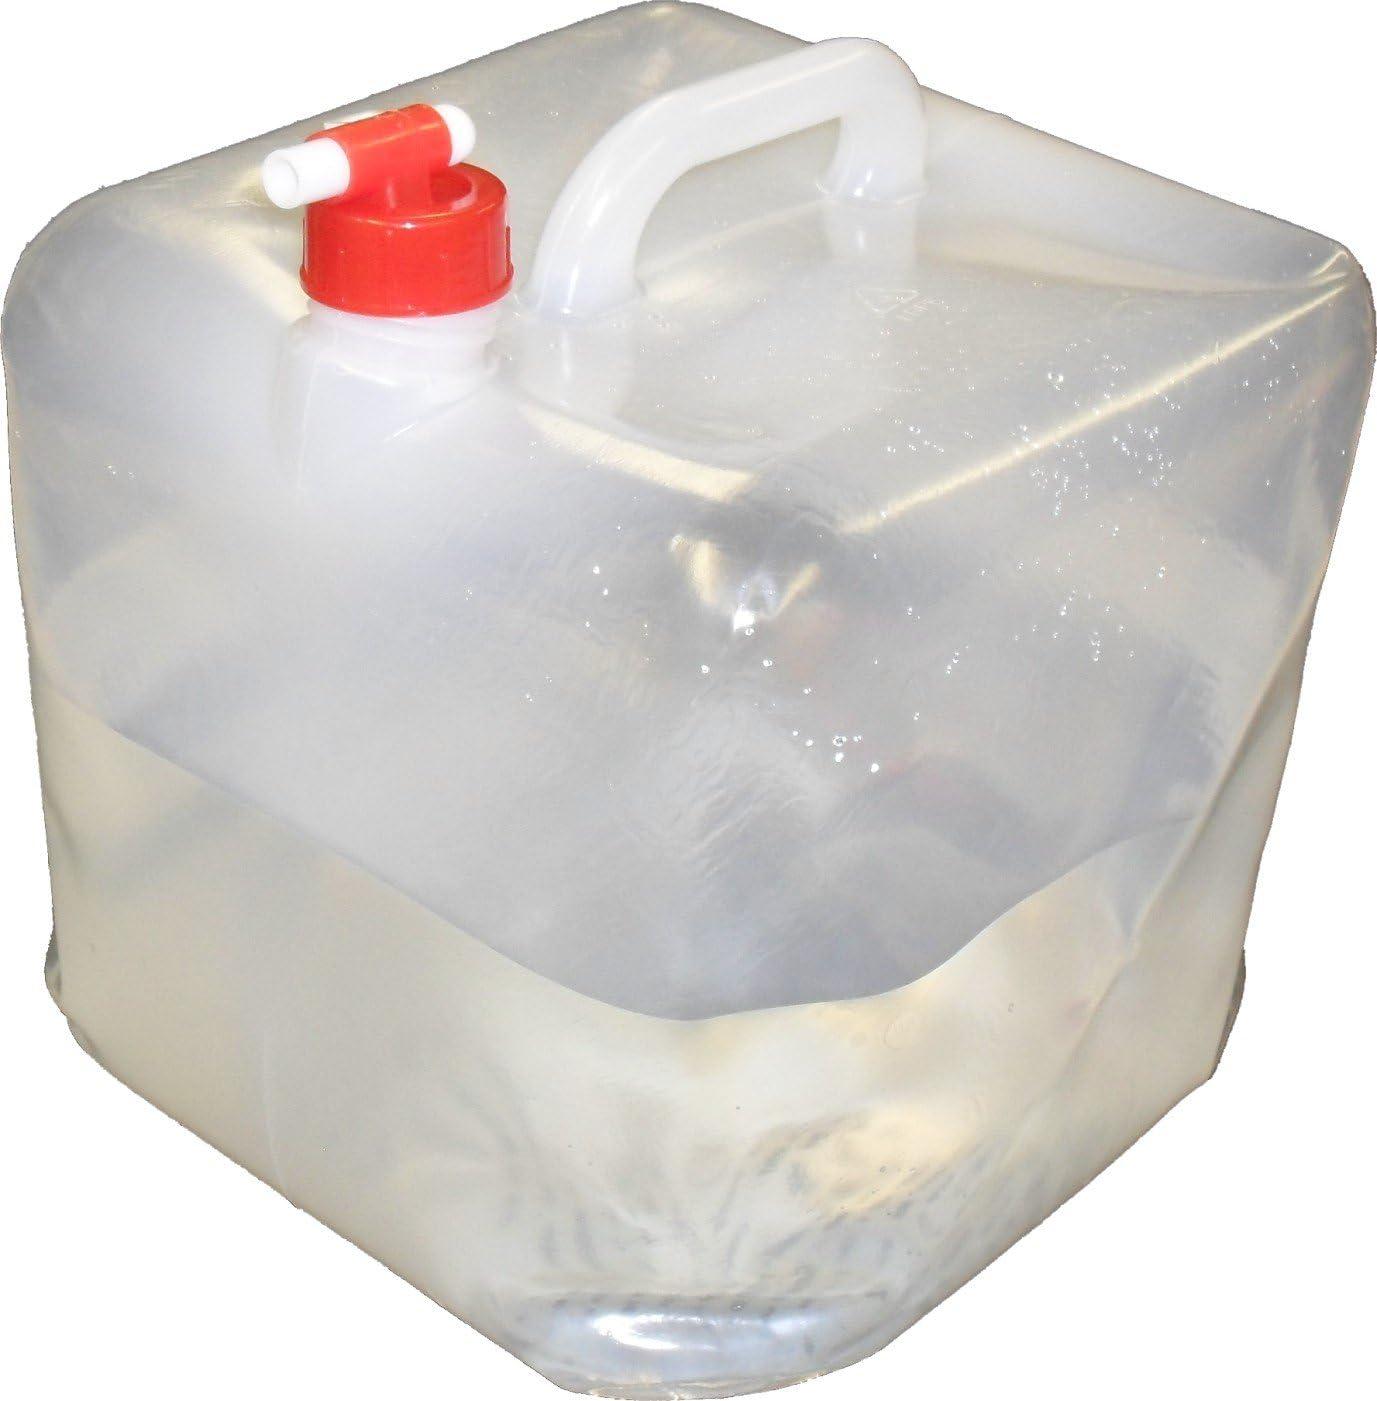 Strider - Garrafa de Agua (15 L, Plegable)